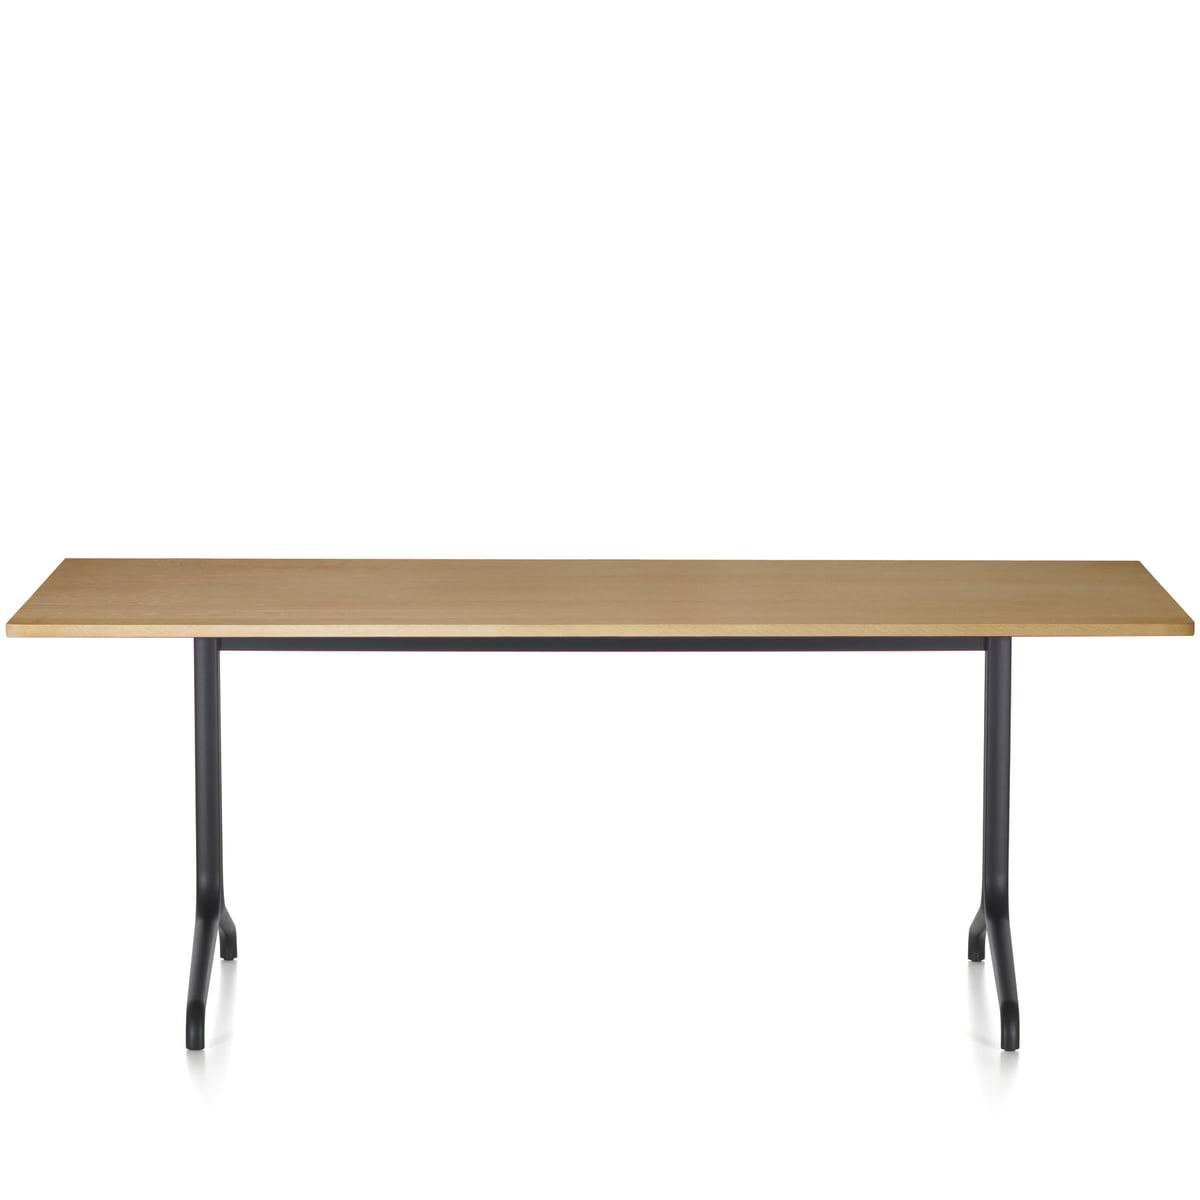 Belleville table recheckig 200 80 tisch schwarz eiche hell freisteller 01